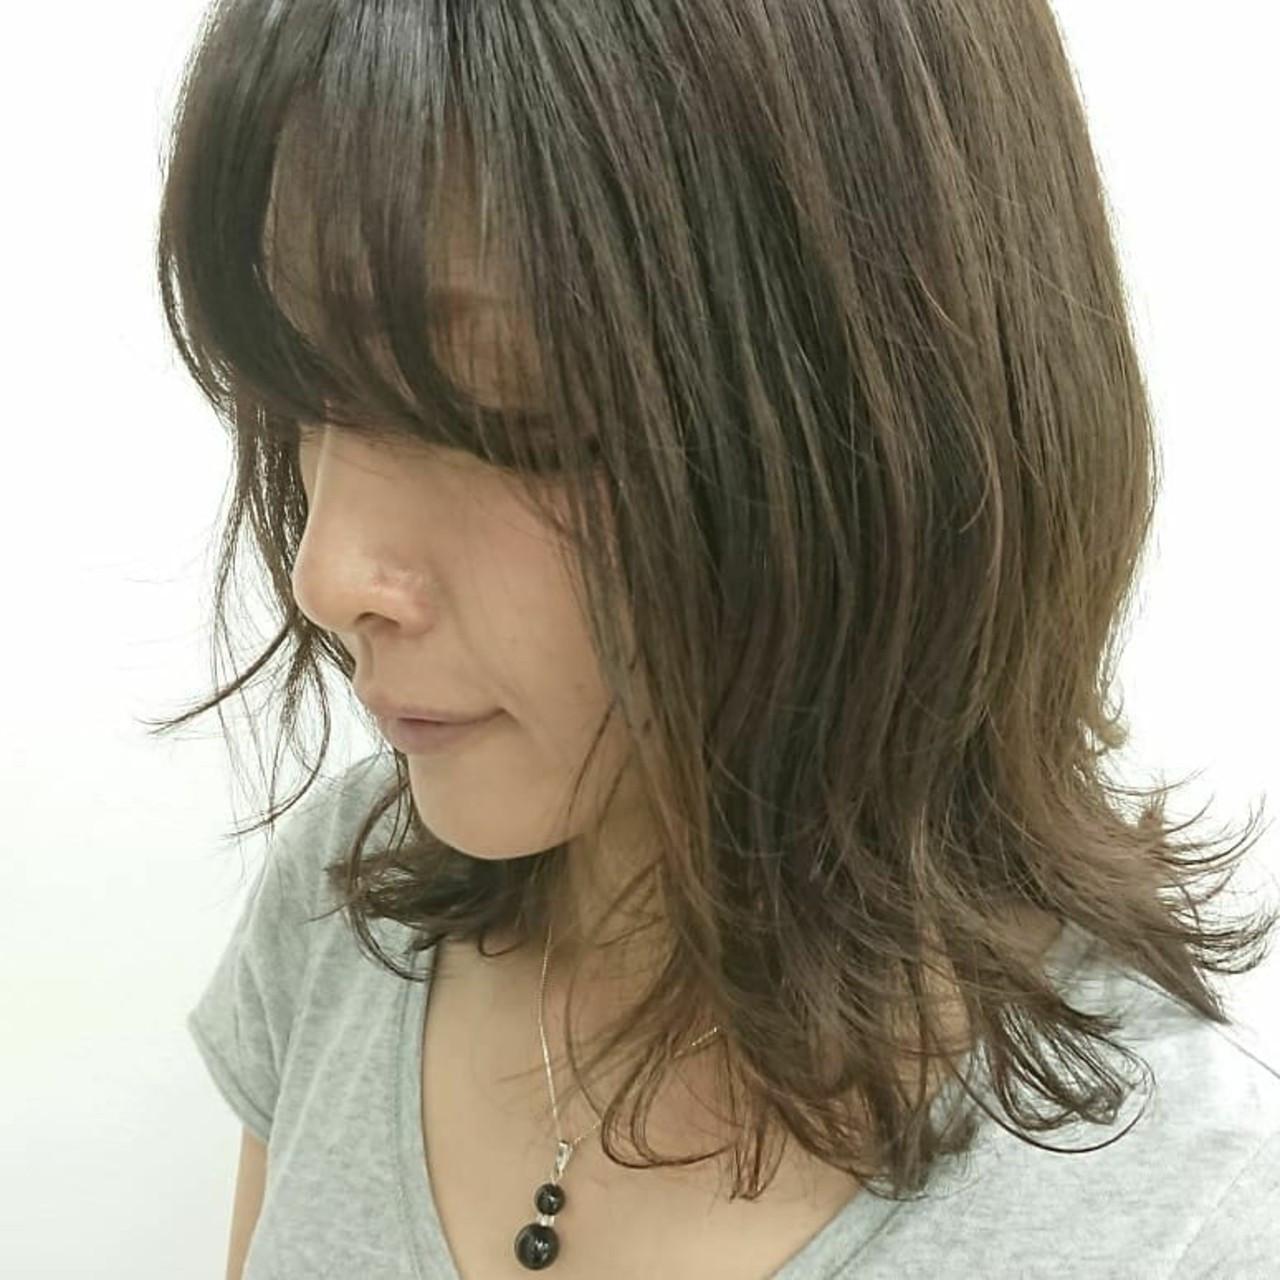 グレージュ ウルフカット ミディアム 大人女子 ヘアスタイルや髪型の写真・画像